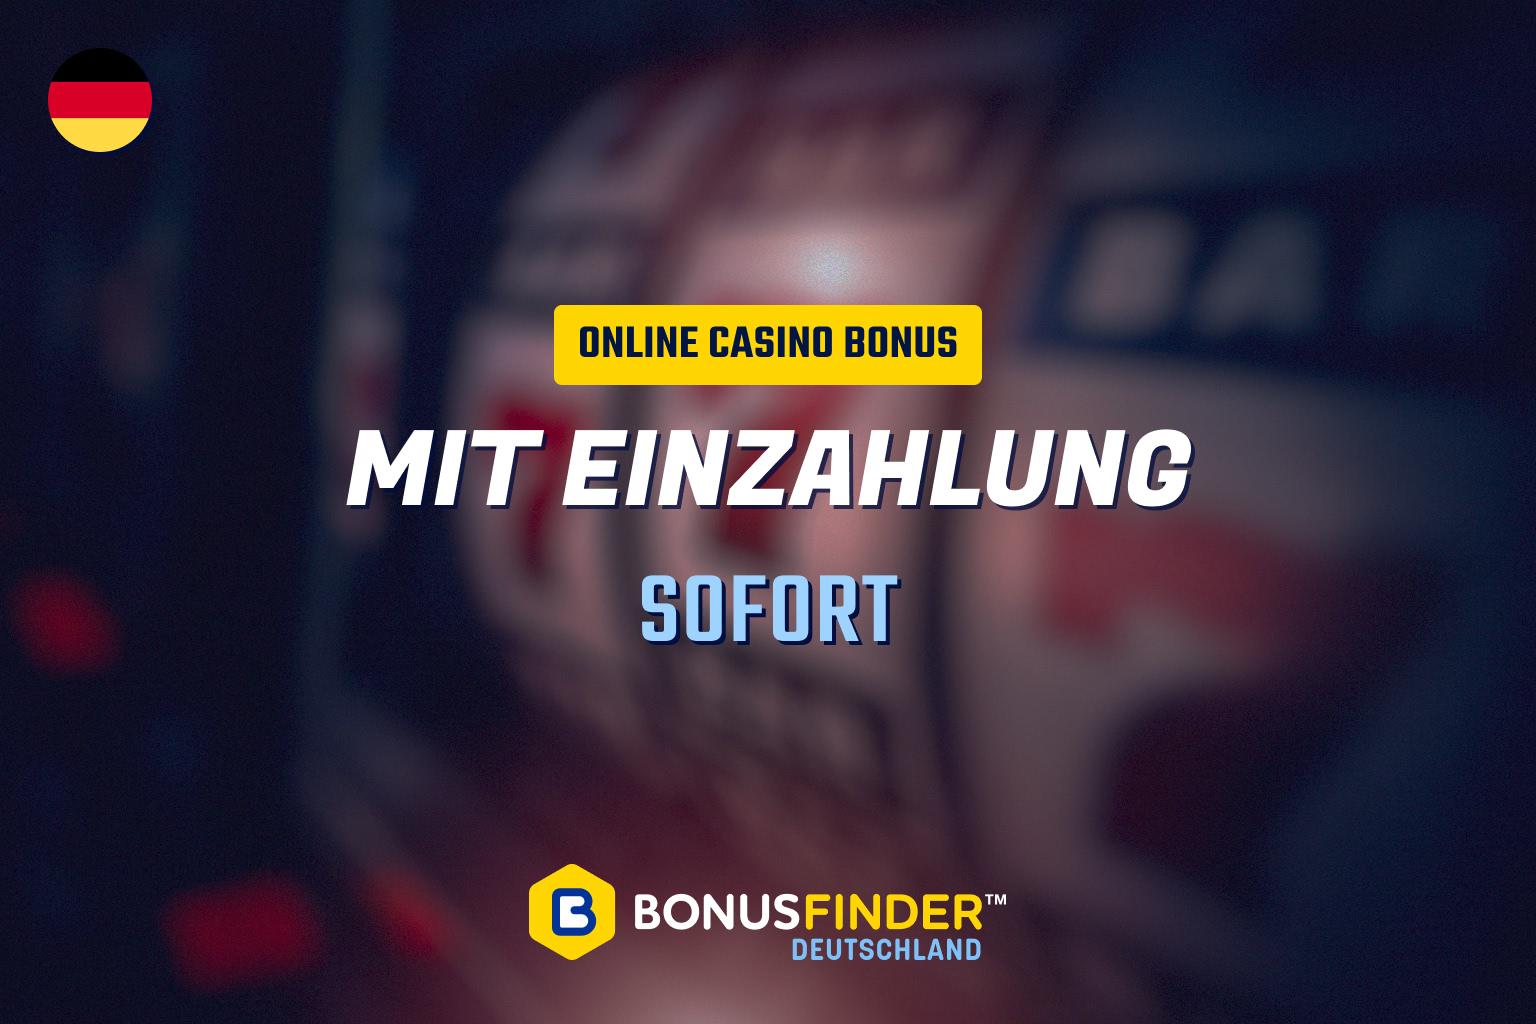 online casino bonus mit einzahlung sofort